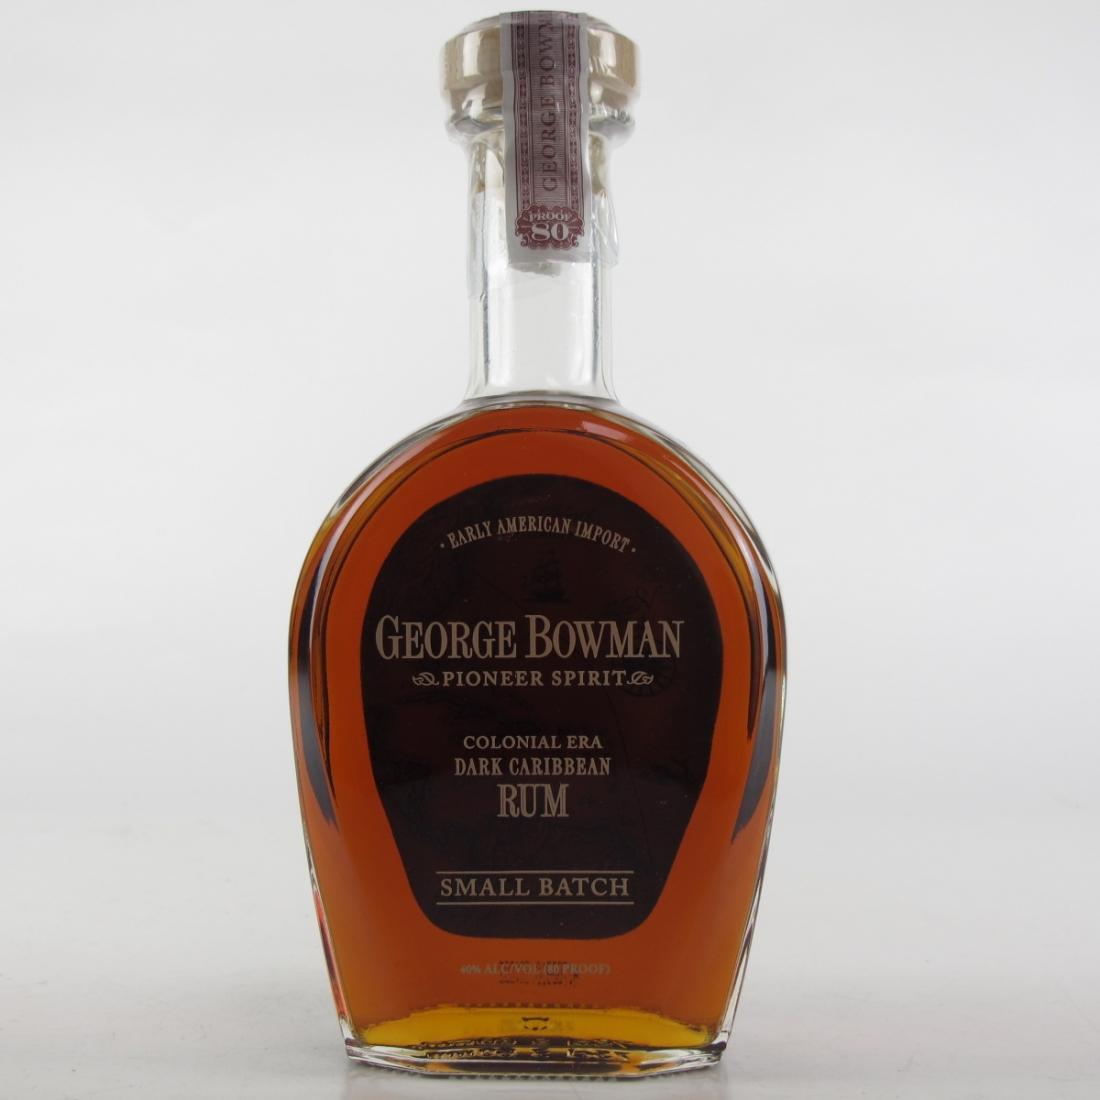 George Bowman Small Batch Caribbean Rum